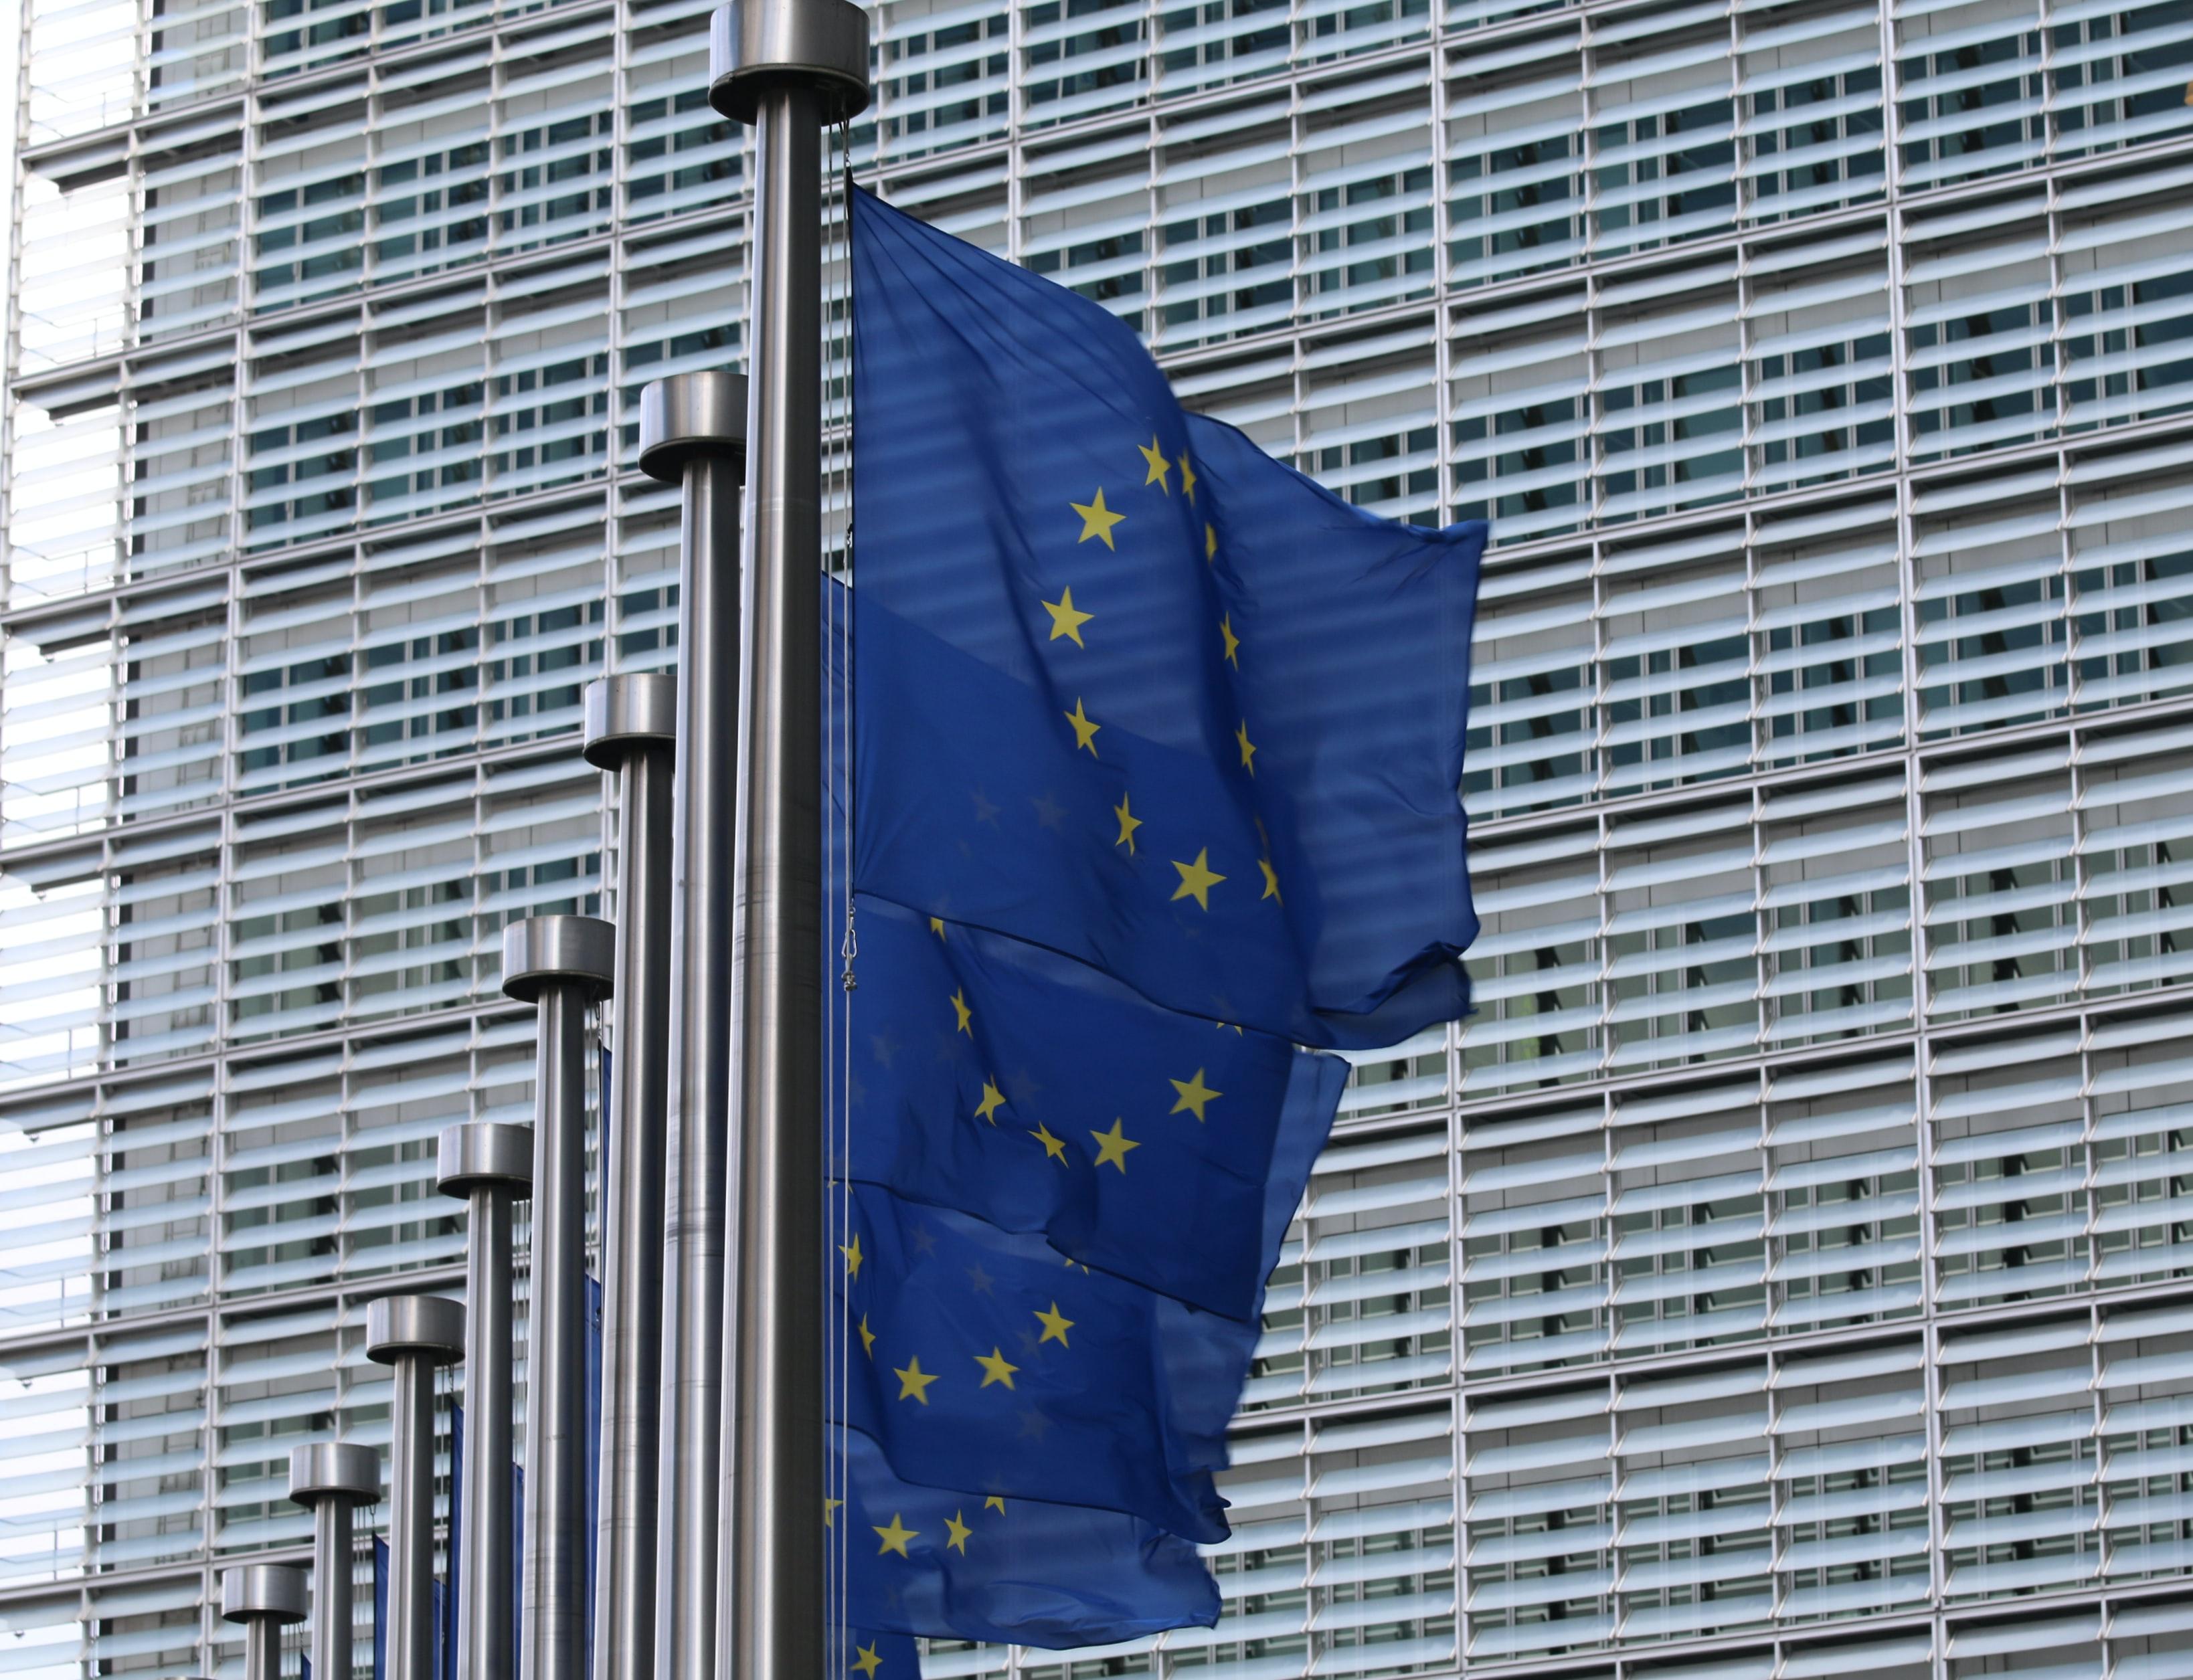 Marile proiecte publice care vor fi finanțate de UE în România prin programul de redresare a economiei